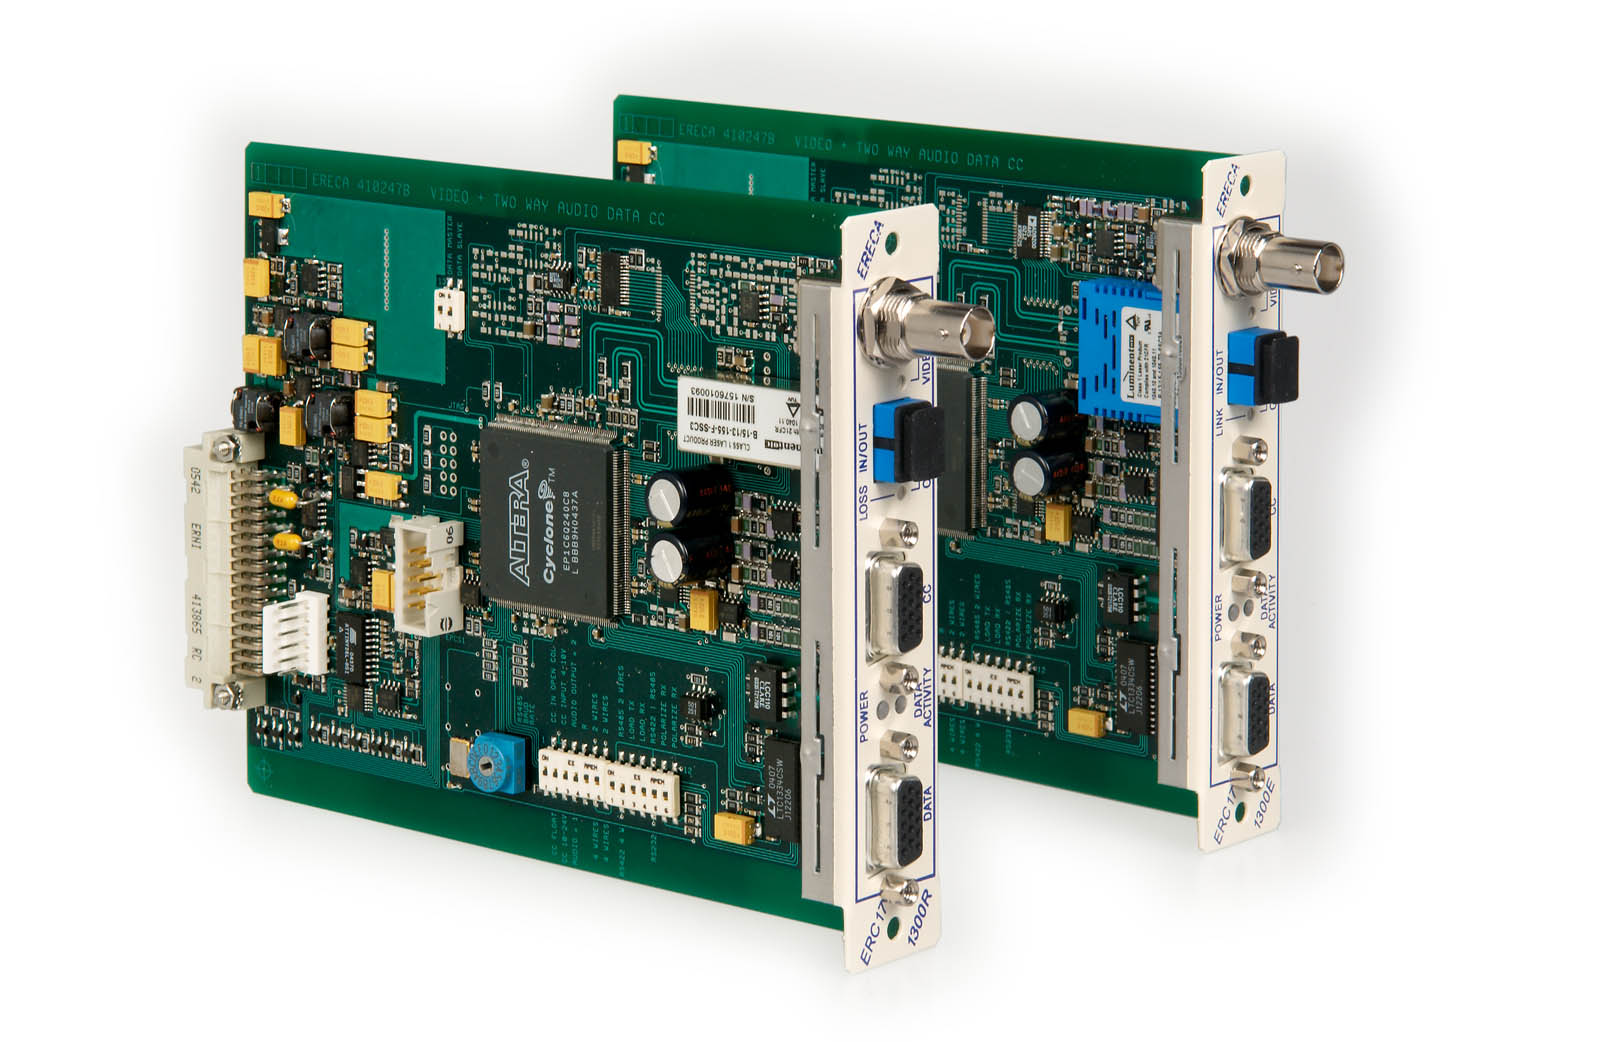 équipement pour transmission optique de signal vidéo / audio / données - erc 1300